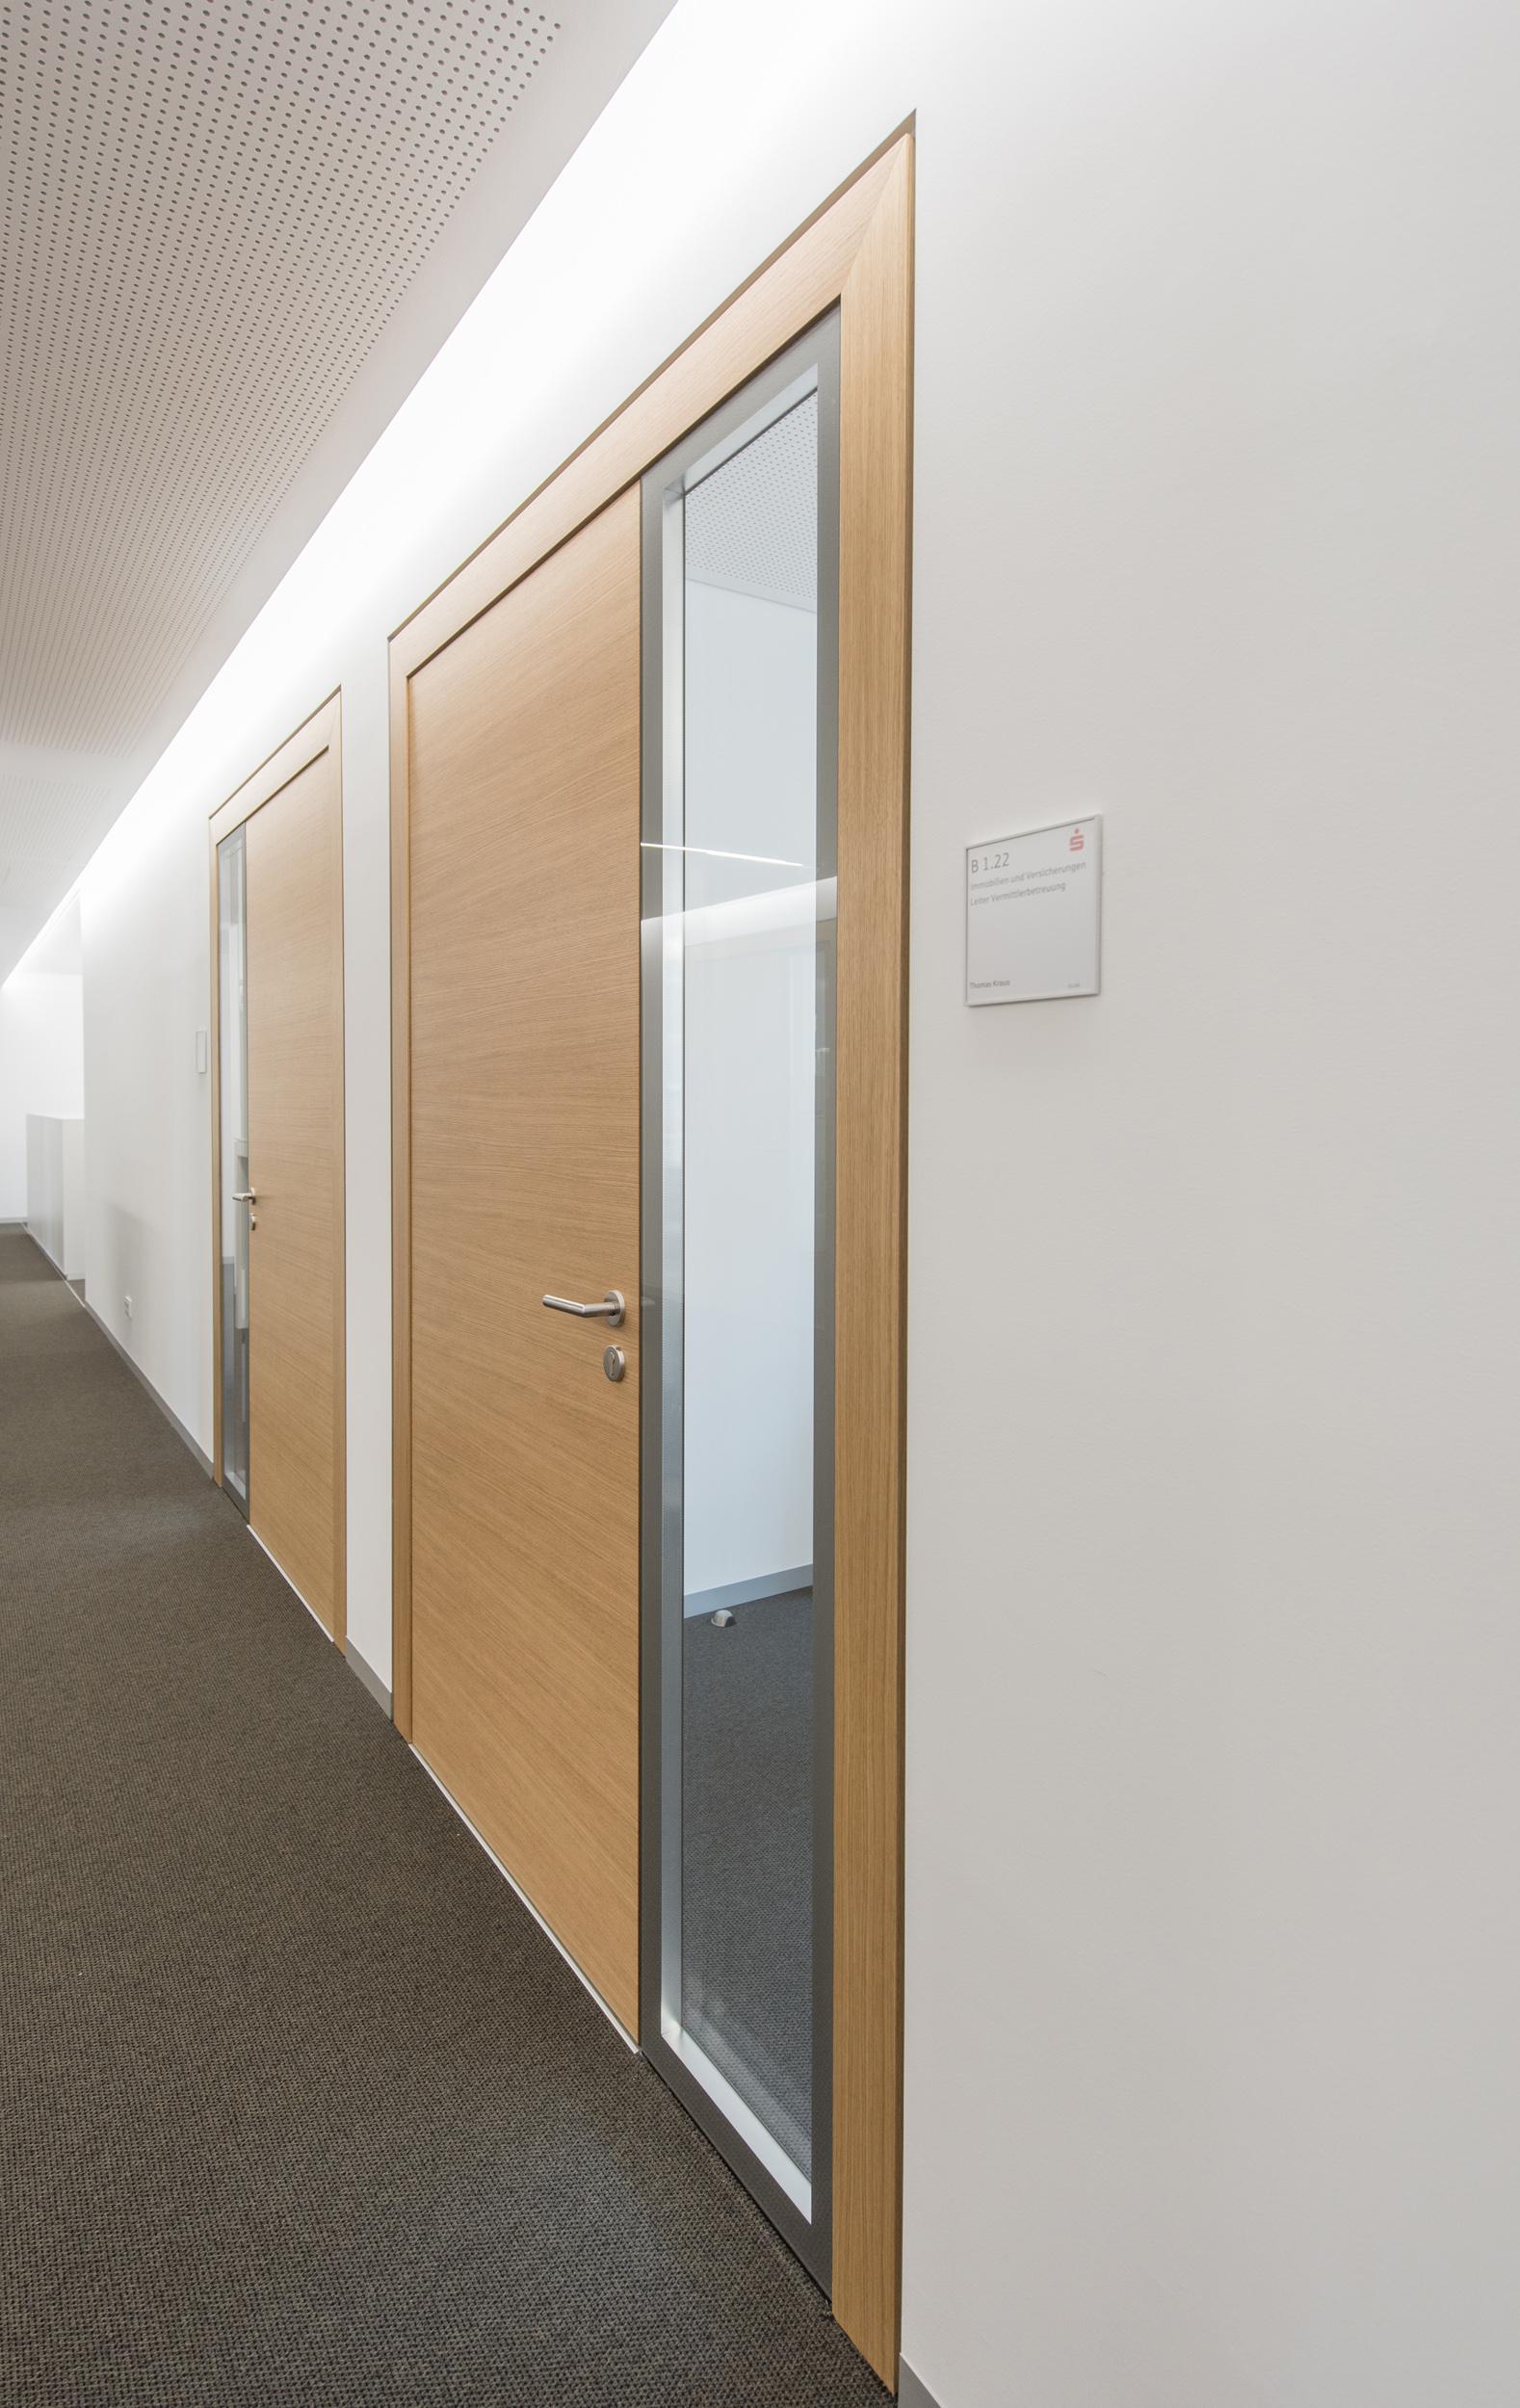 Glastüren - Ausführungsvarianten und Glasaufbau - Küffner Aluzargen